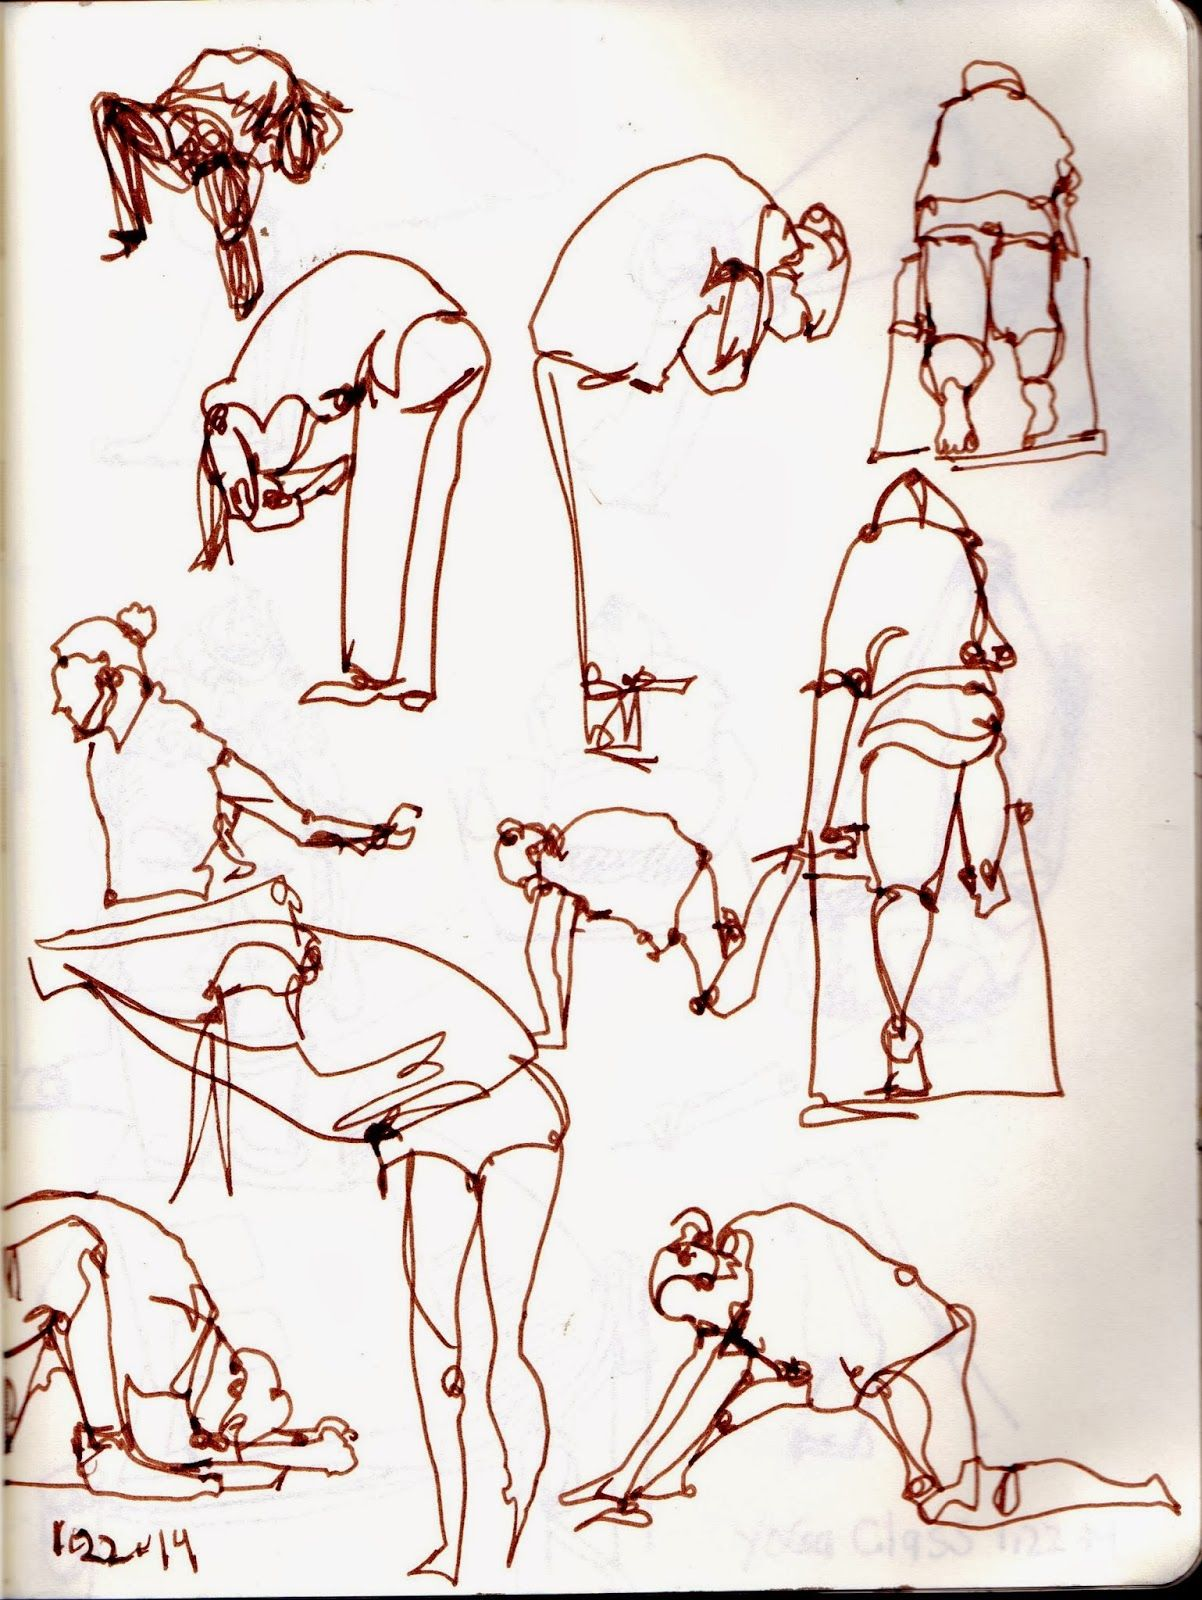 Affirmations Yoga Class San Diego Ca Urban Sketching Urban